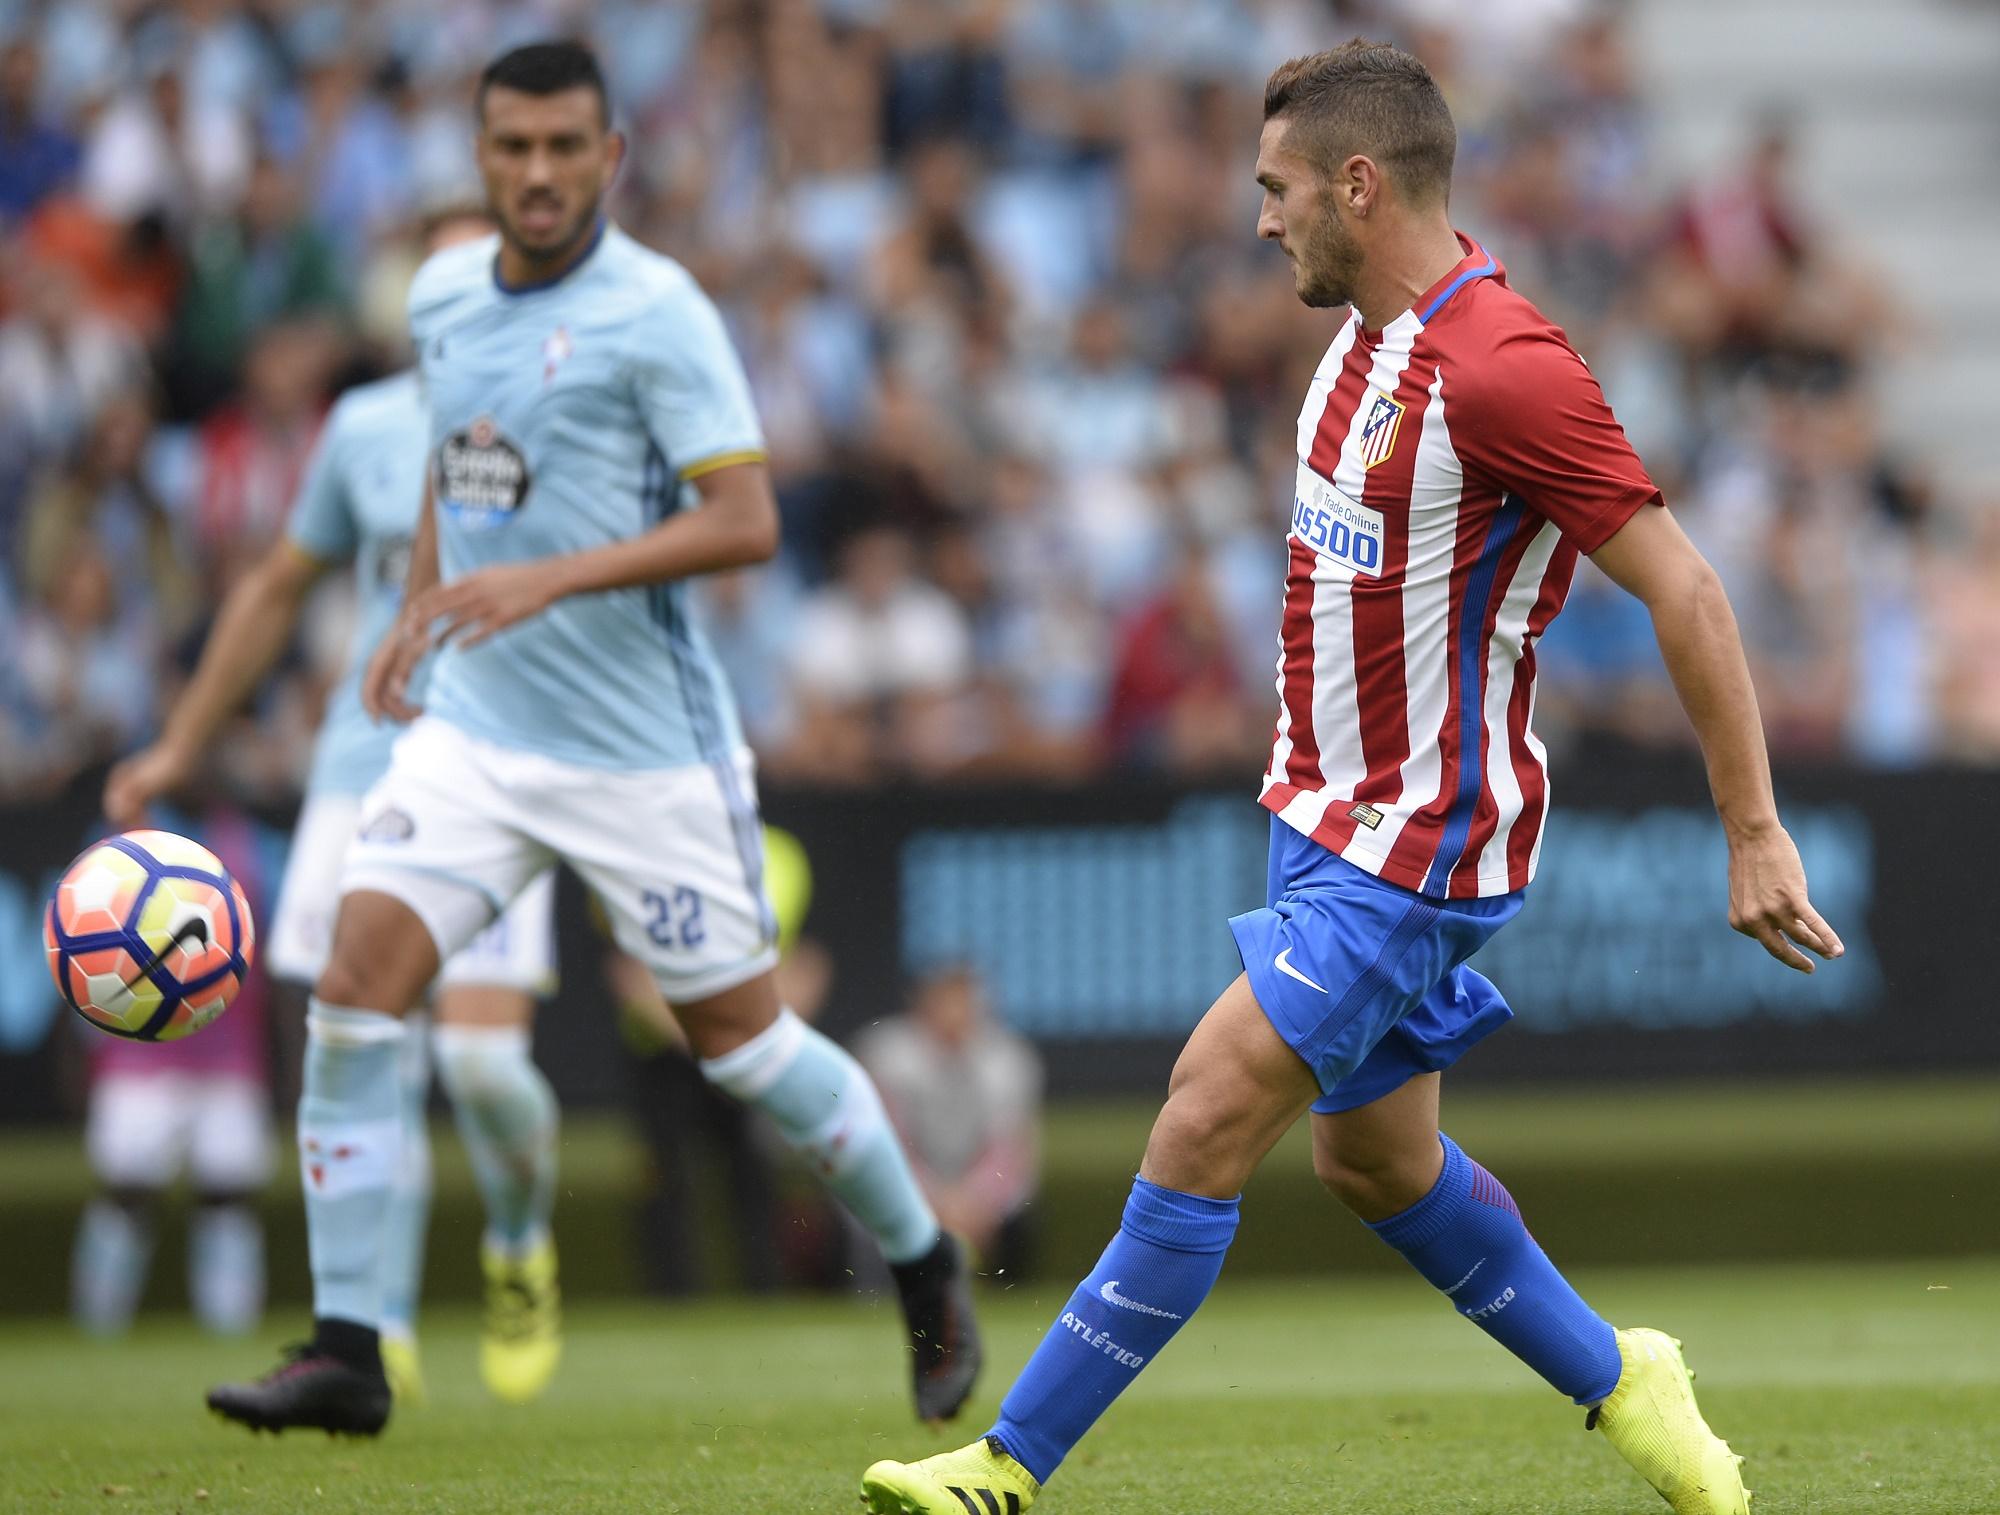 Koke da un pase durante el Celta-Atlético de Madrid.